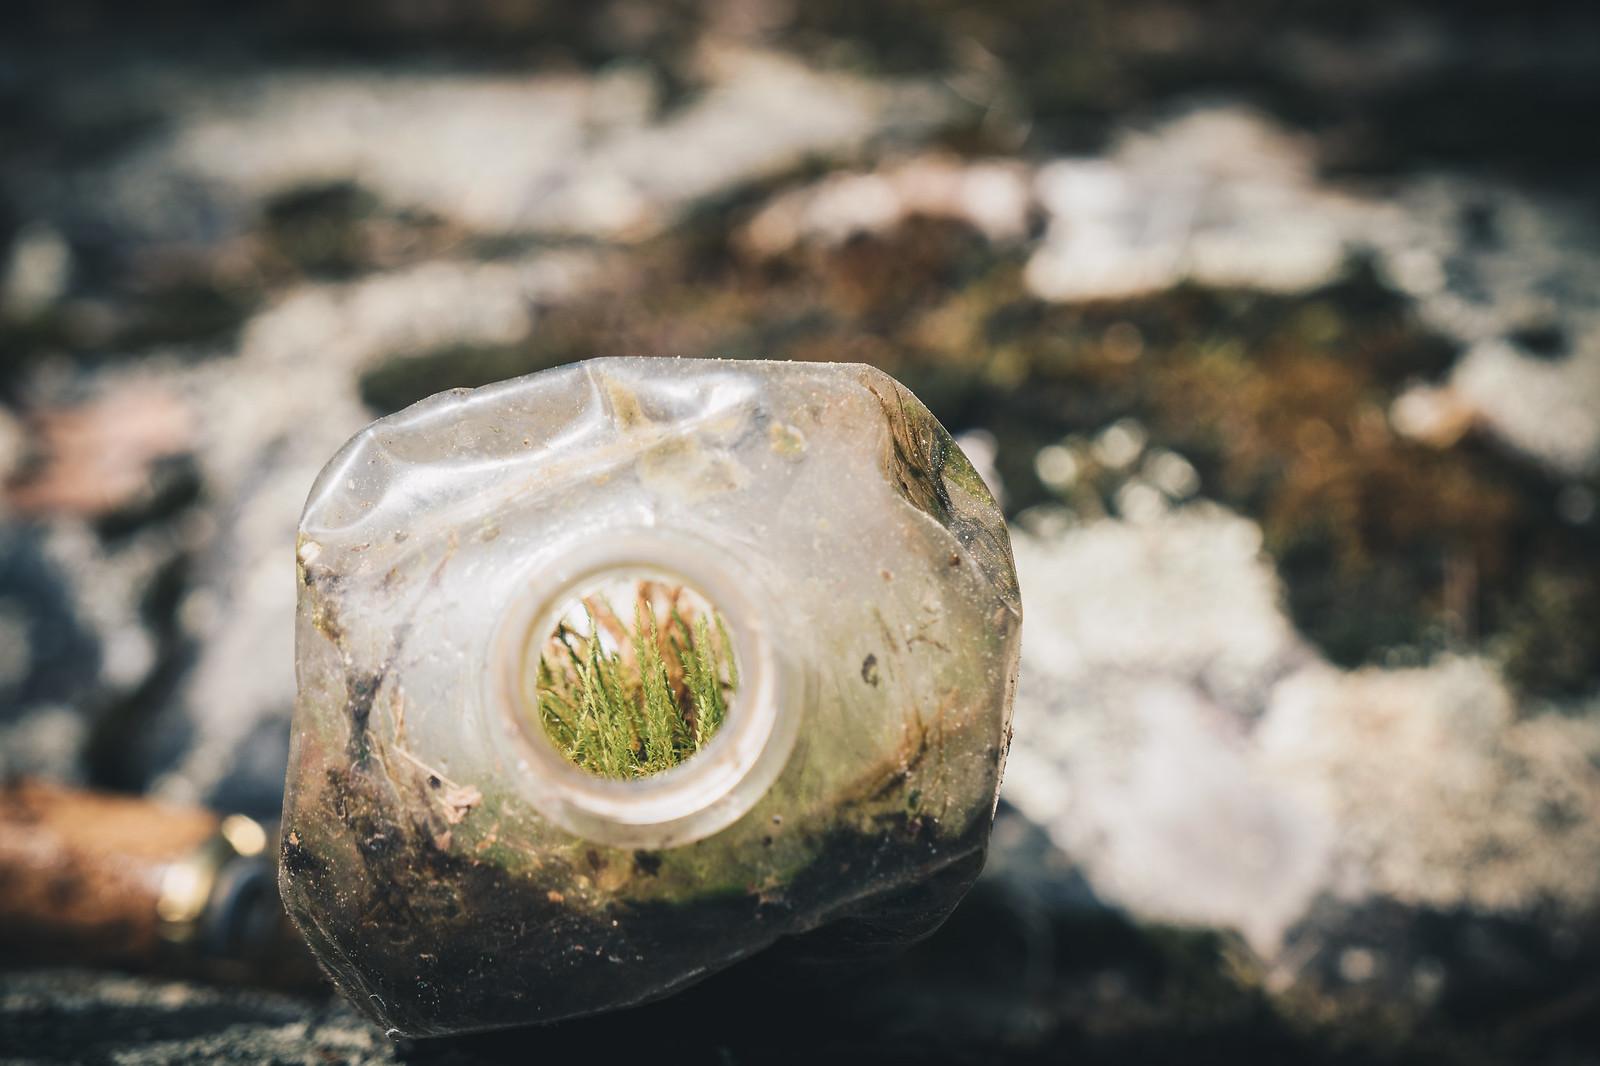 Tämä muovipullo oli hetken jo viettänyt aikaansa luonnossa sammaleesta päätellen.